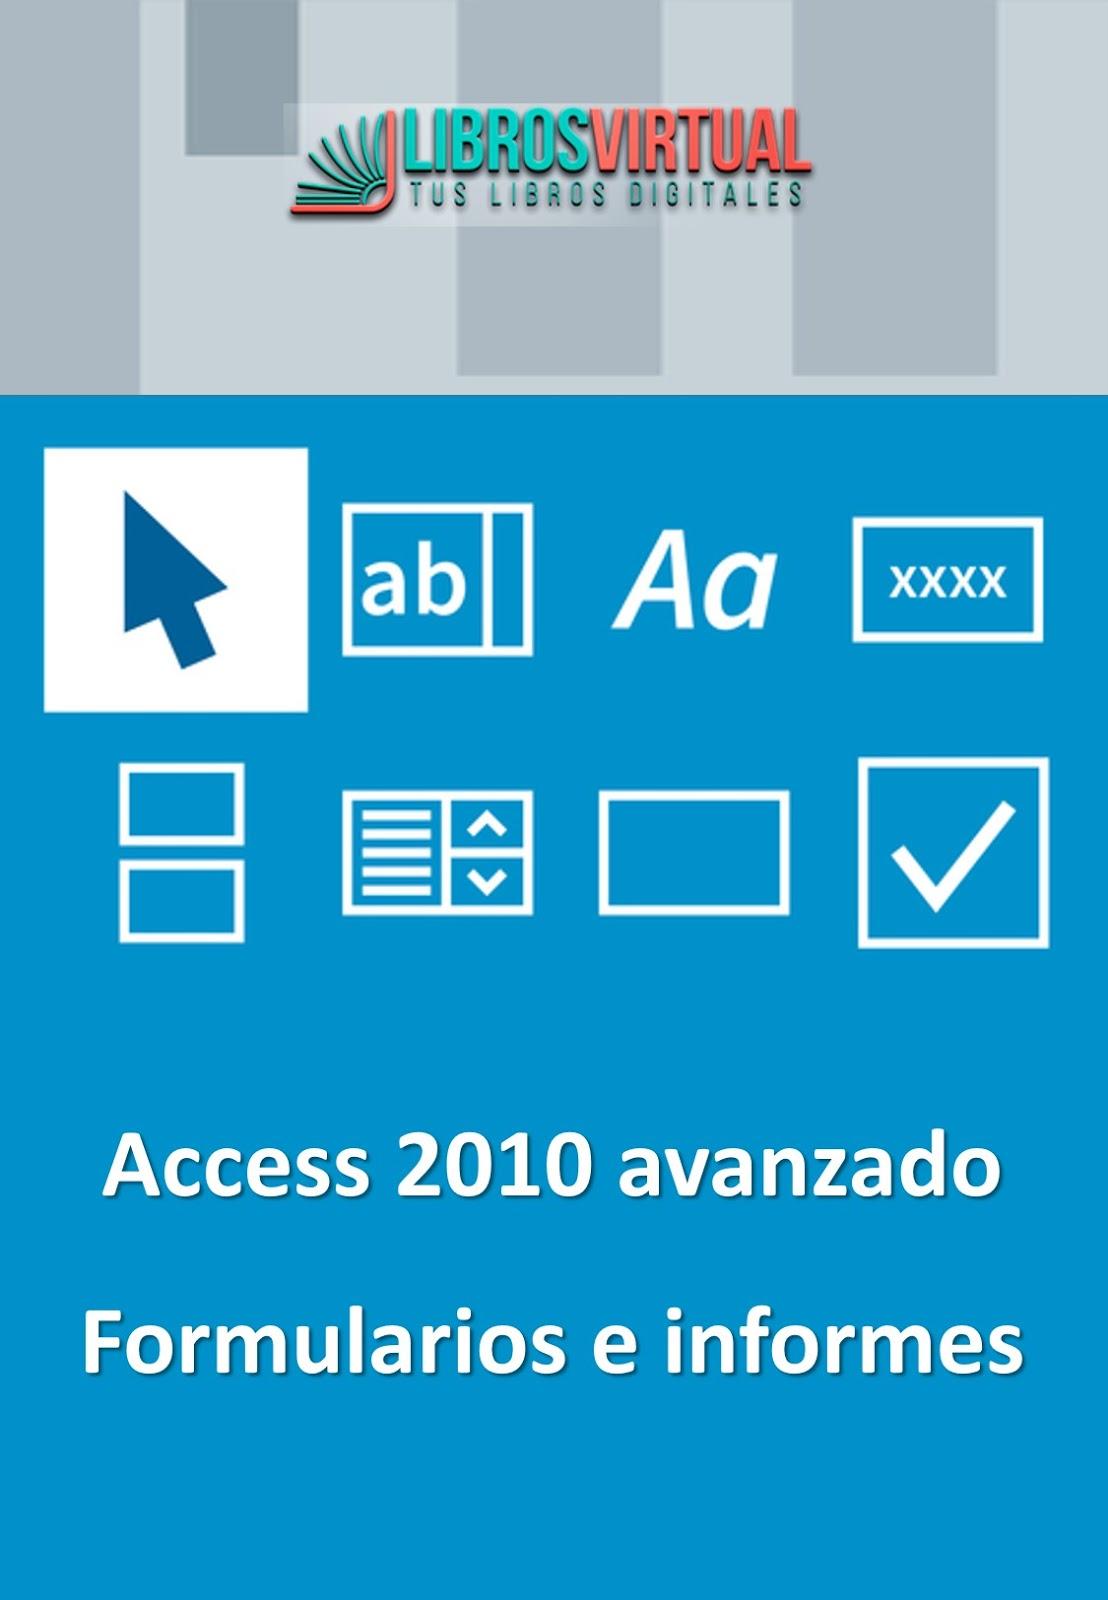 Video2Brain: Curso Access 2010 avanzado: Formularios e informes